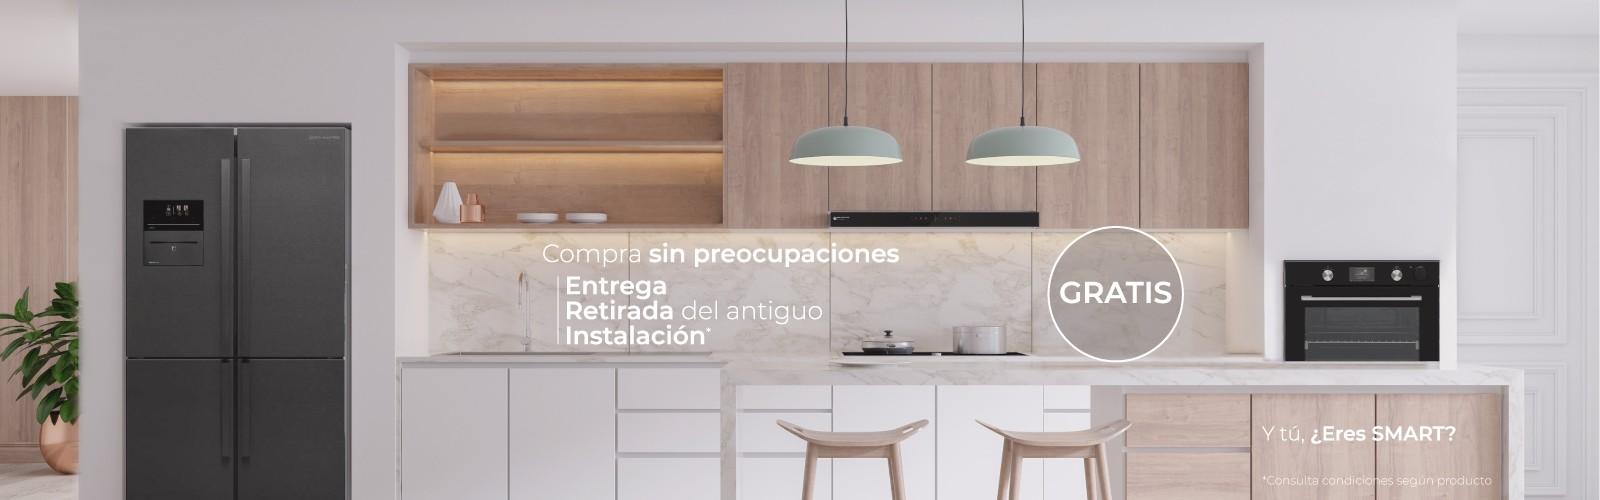 Somos distribuidor oficial EAS Electric en Granada